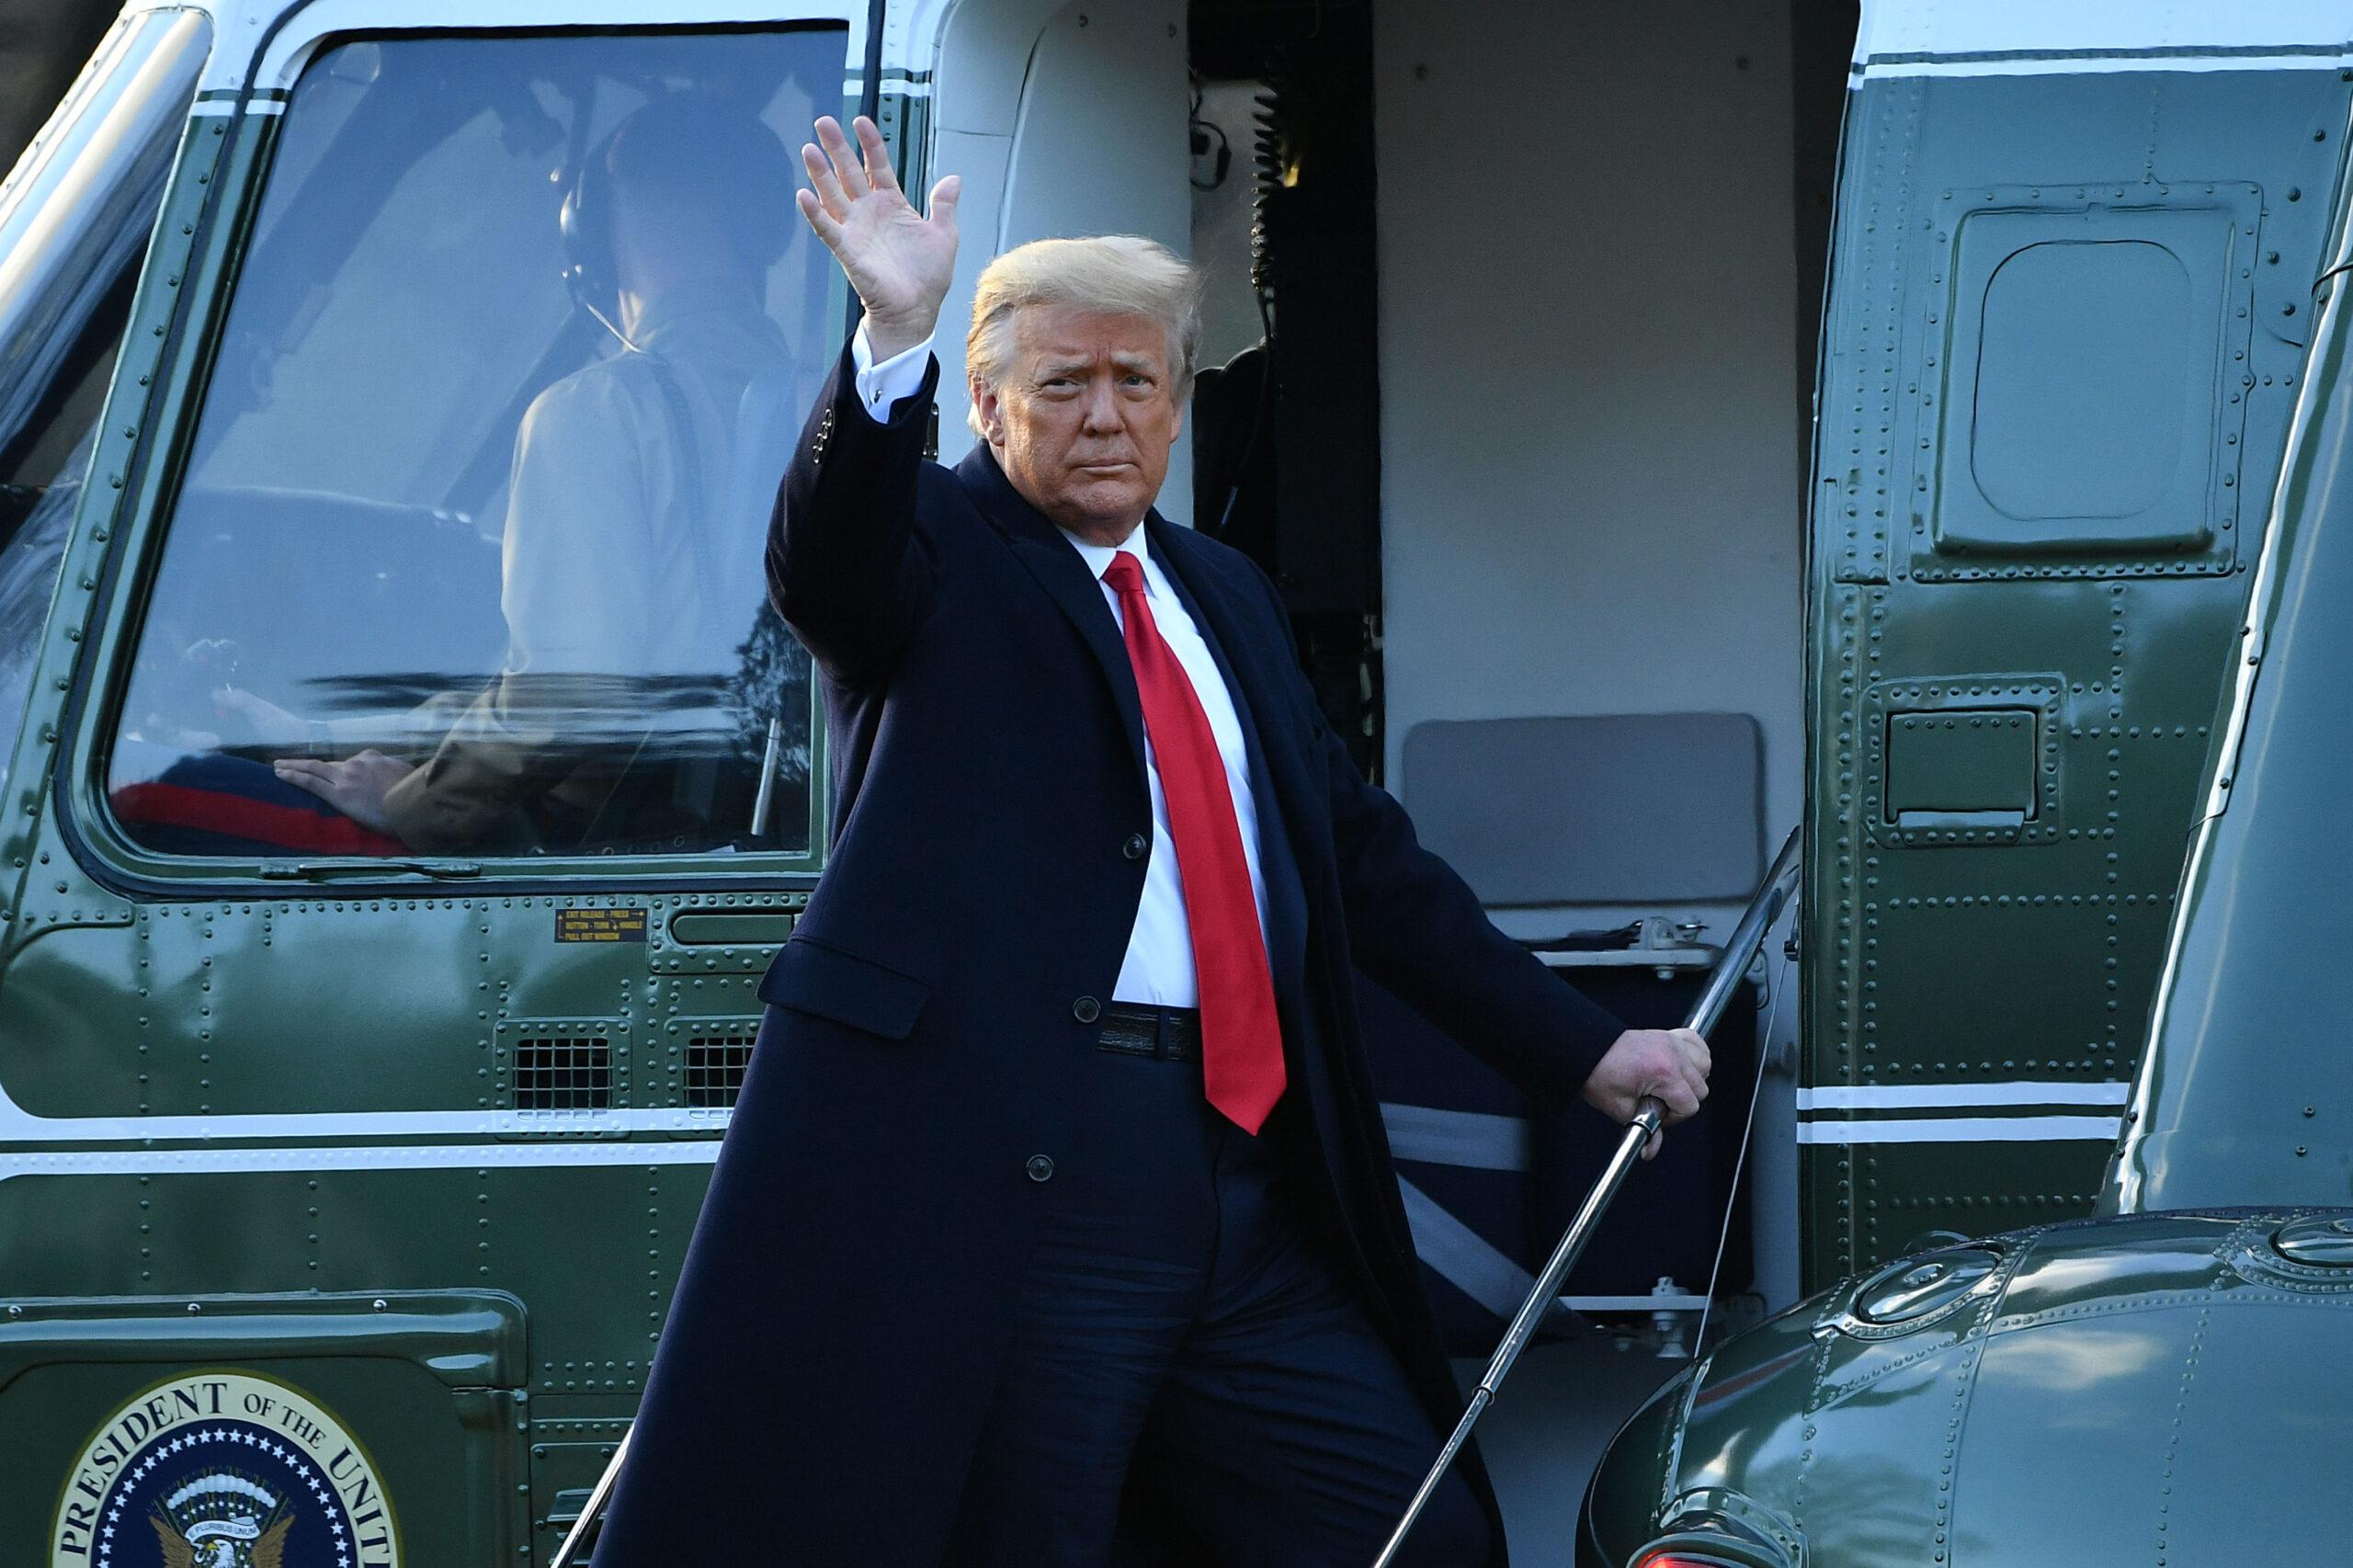 Donald Trump saluda desde la escalera del helicóptero al dejar su cargo de presidente de EU